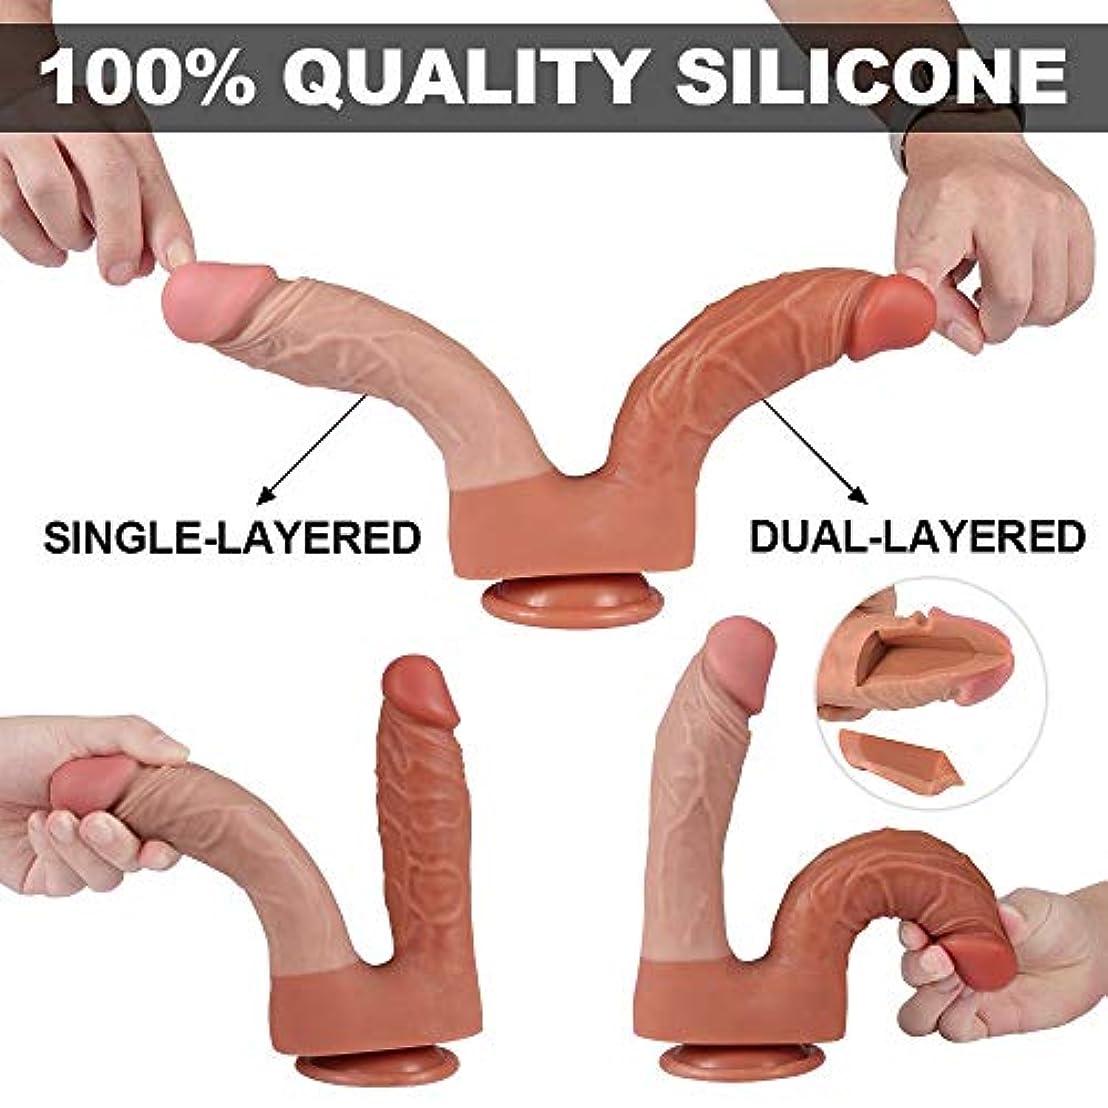 機械的オレンジ抹消Y-angcco6 ソフトで柔軟なダブルヘッドマッサージSEおもちゃ女性カップル - 100%秘密のパッキング